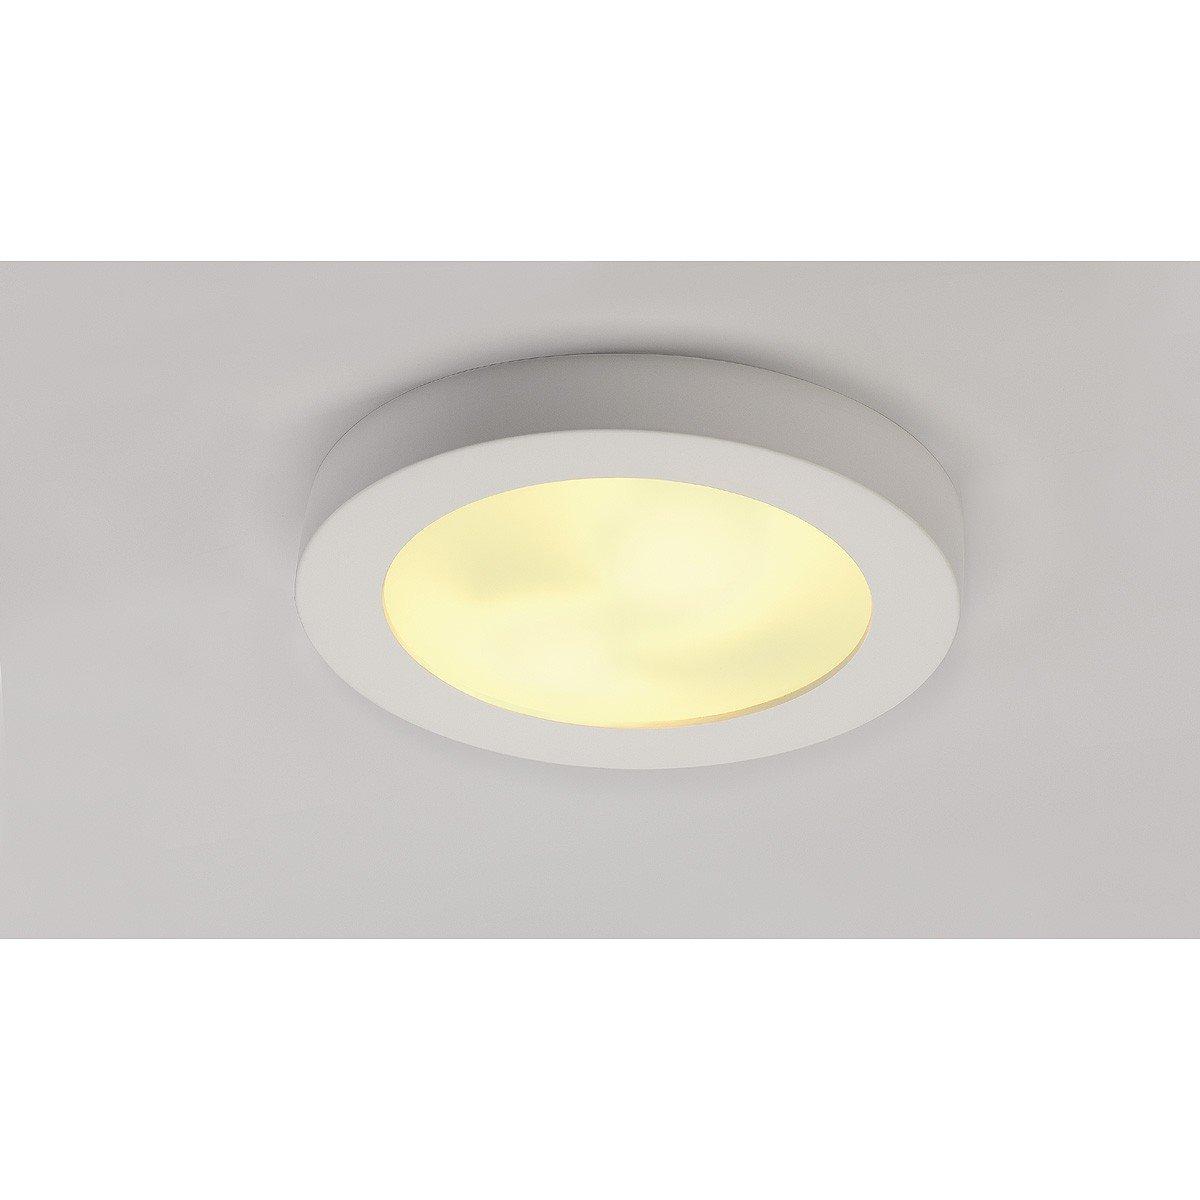 SLV Gipsleuchte PLASTRA 105 , , , Gestaltbare LED Decken-Leuchte zur Beleuchtung im Innenbereich , Runde LED Deckenlampe für Flur, Badezimmer, Kinderzimmer , 2x E27 Leuchtmittel (jew. max. 25W), EEK D-A+ 36b93a